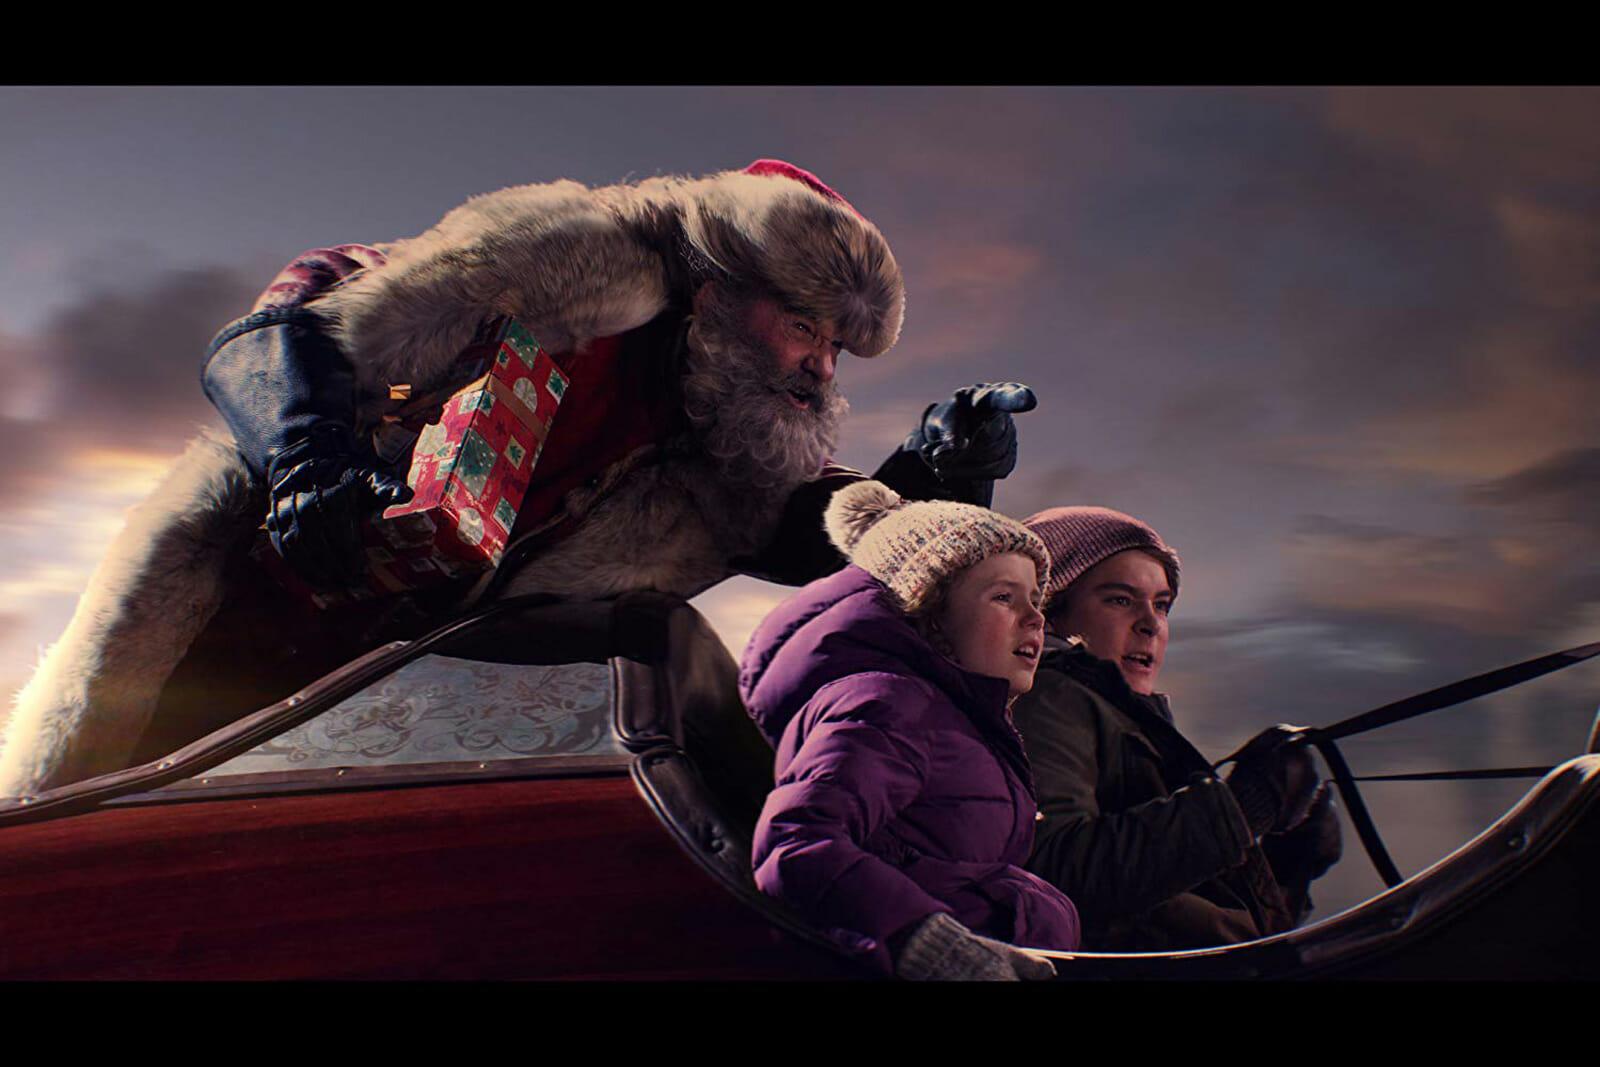 Les-Chroniques-de-Noel-cast